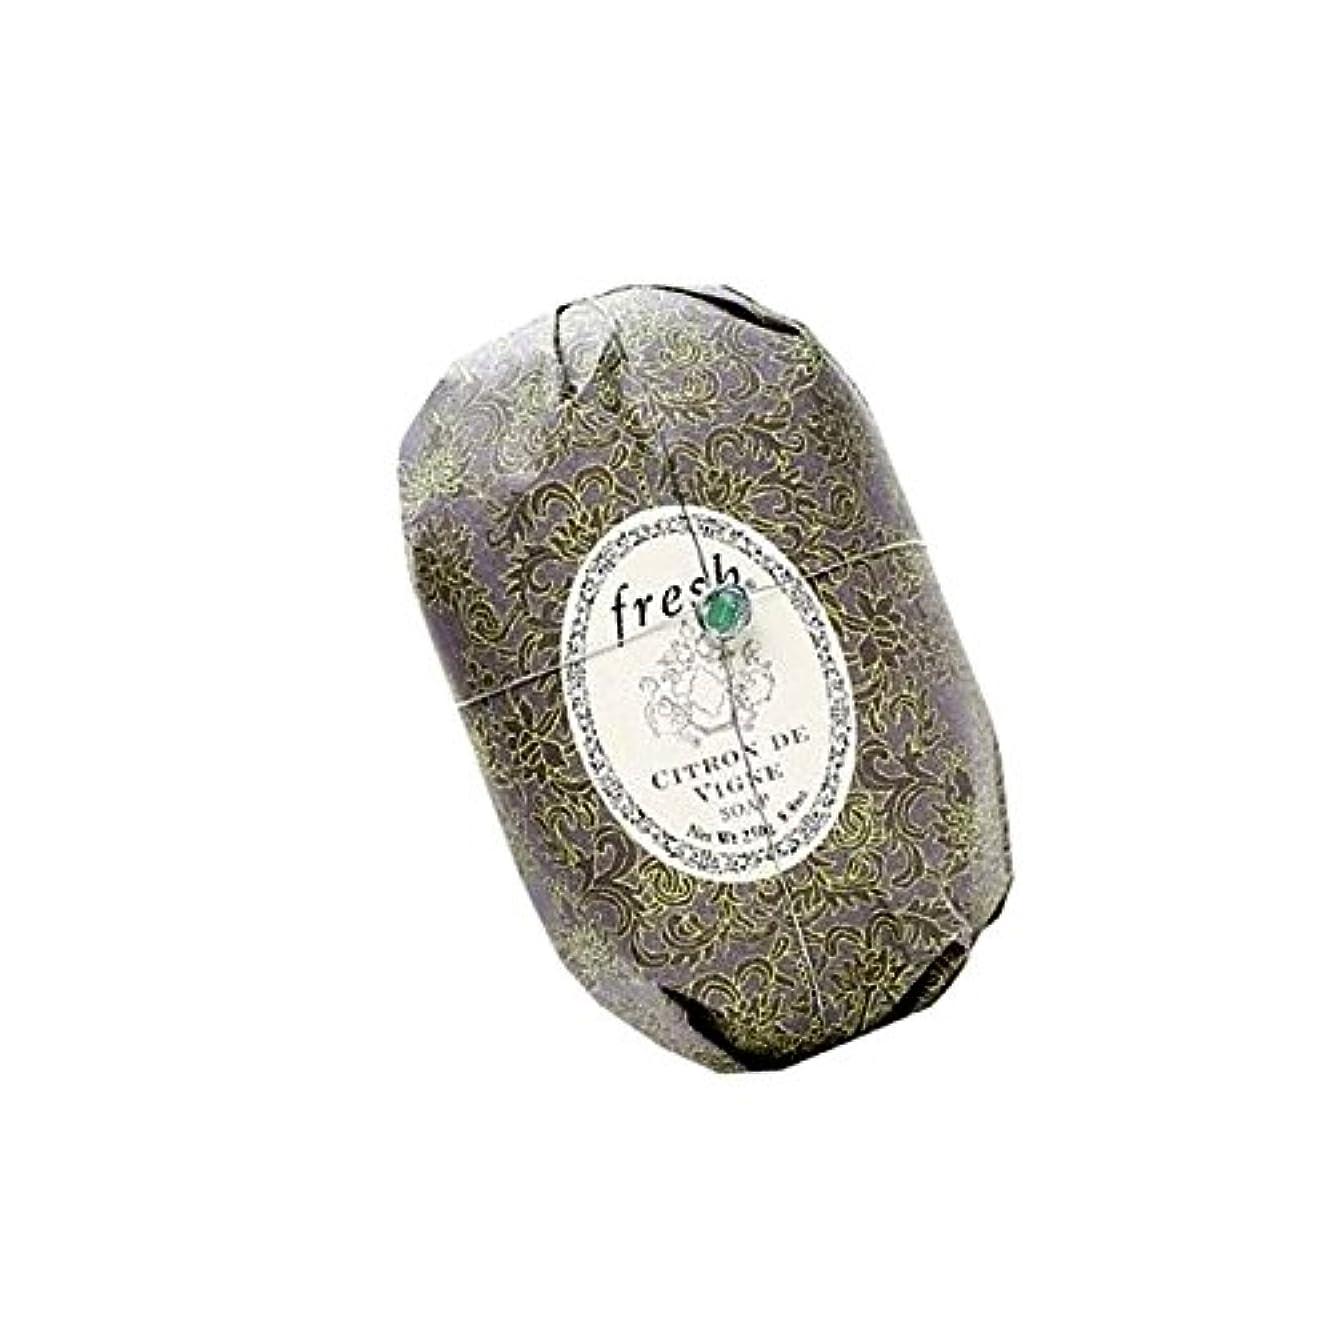 教育学オーガニックセージFresh フレッシュ Citron de Vigne Soap 石鹸, 250g/8.8oz. [海外直送品] [並行輸入品]